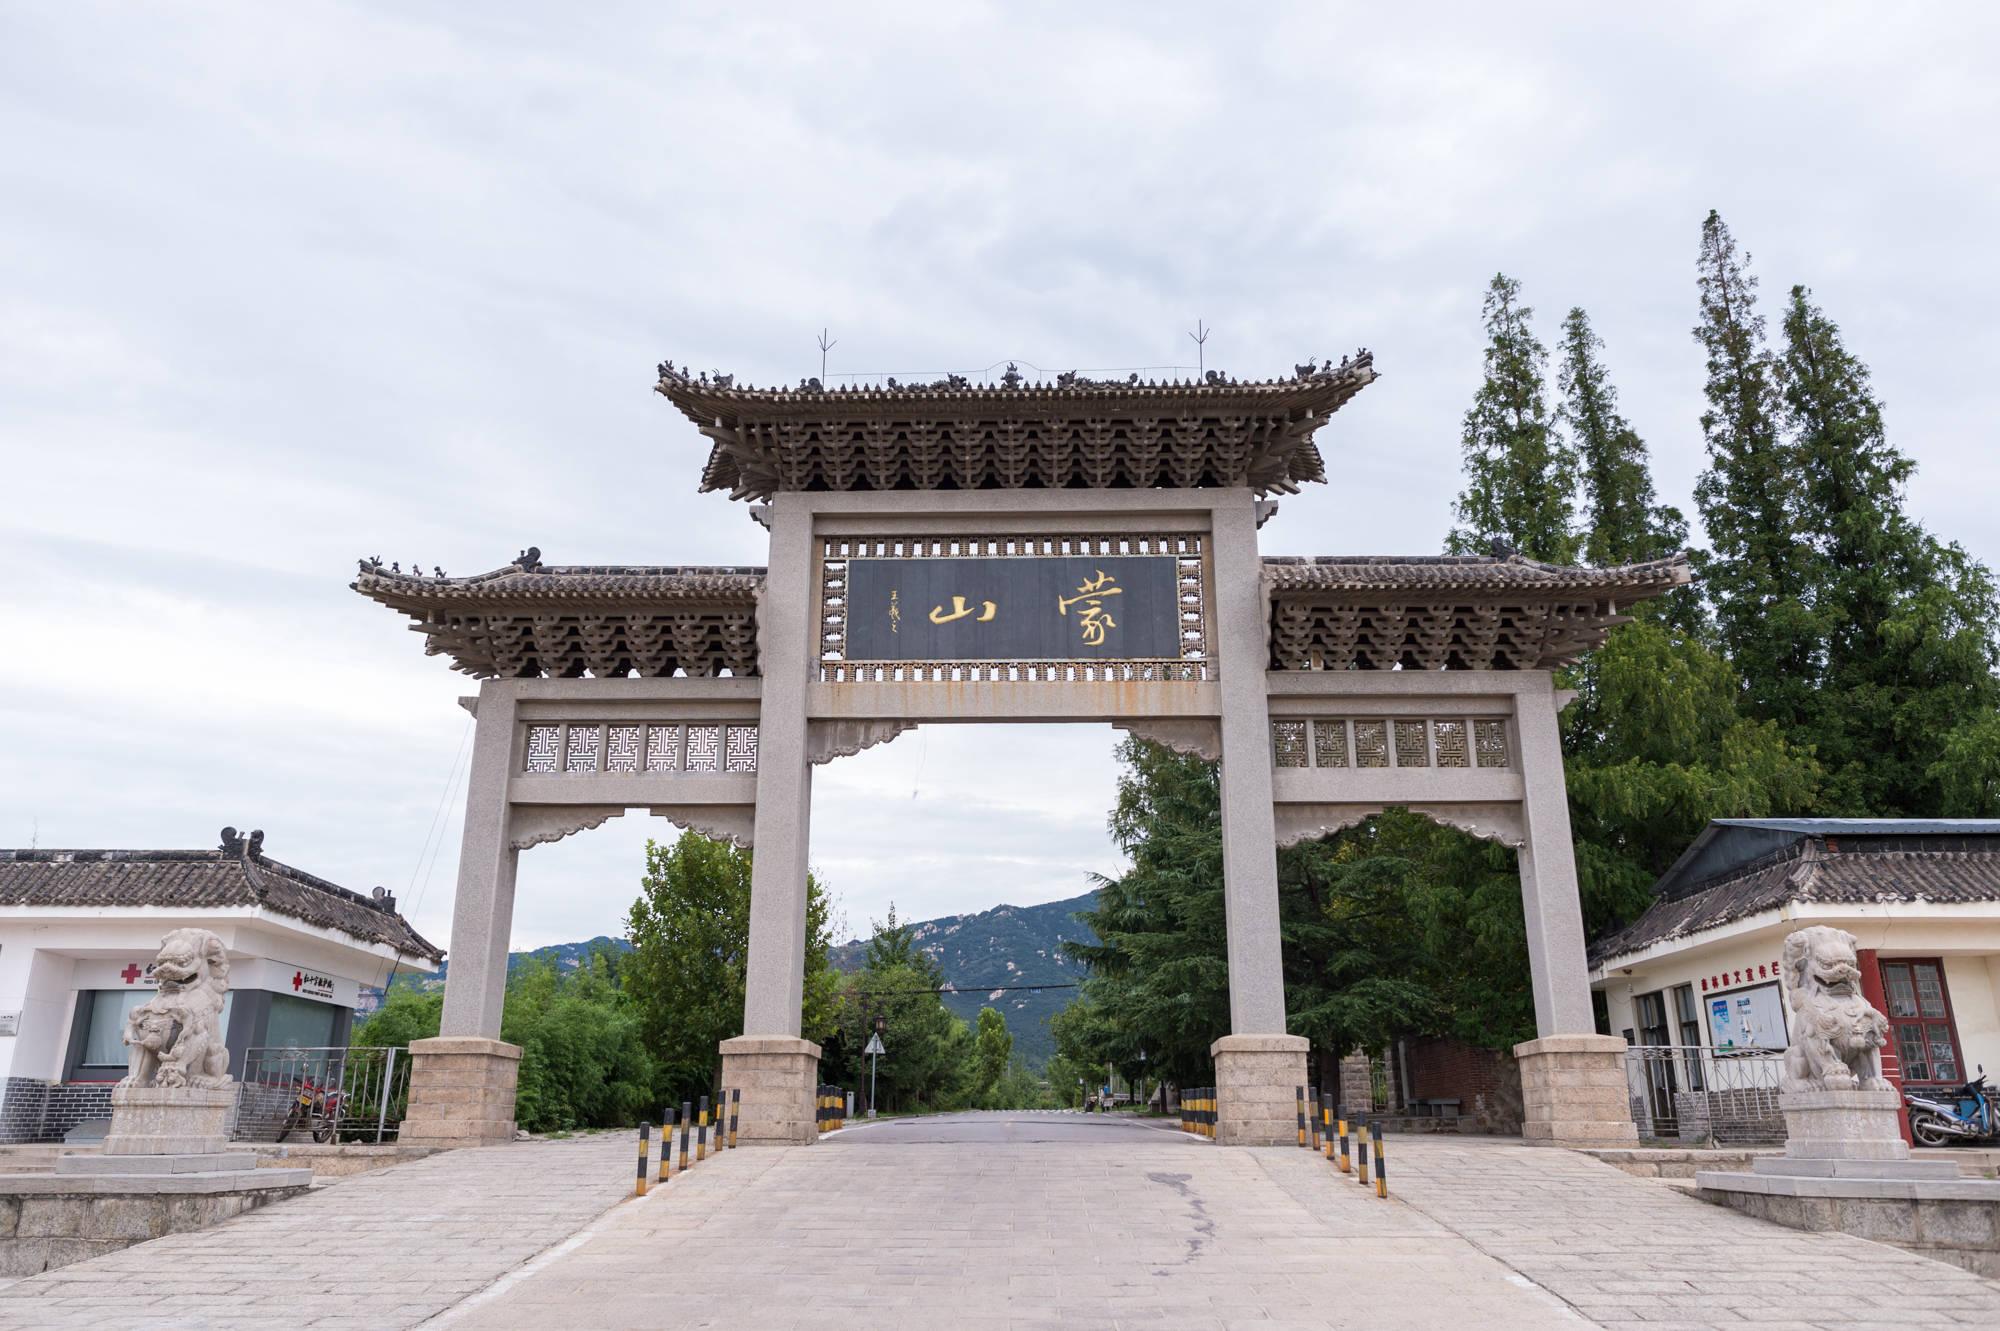 山东临沂最大的千年道观,藏在蒙山山脚下,坐拥一座600多吨大鼎